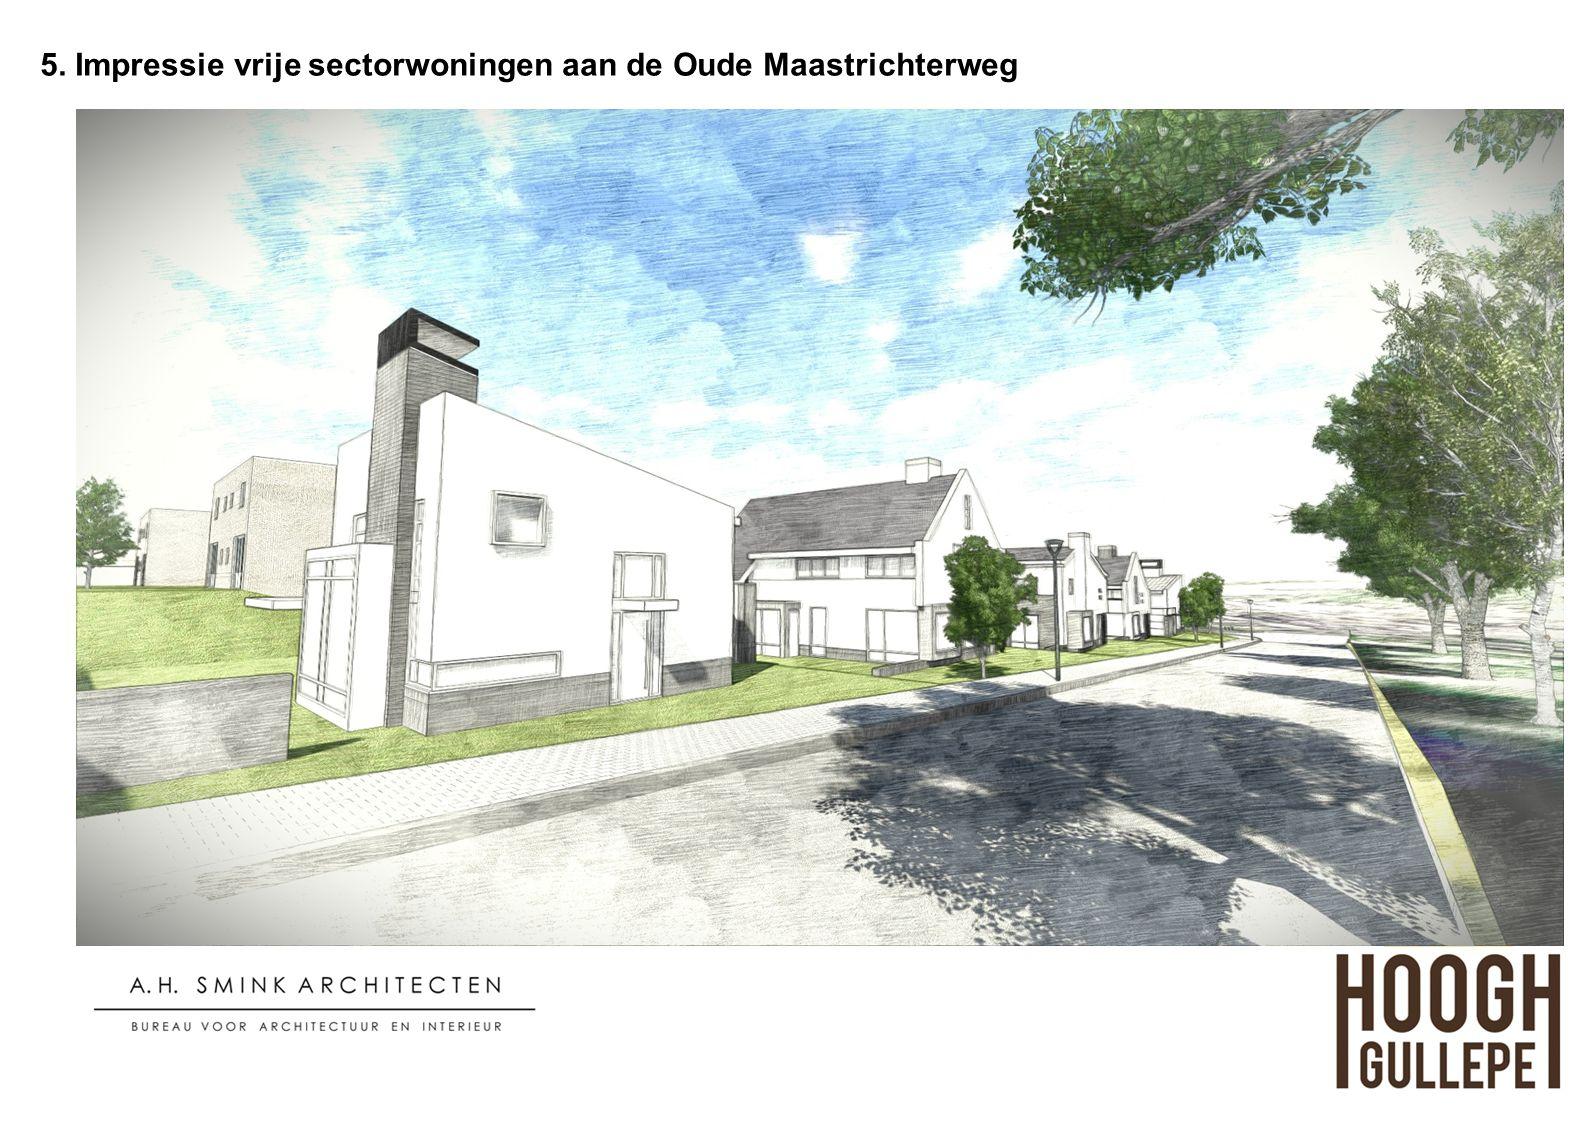 5. Impressie vrije sectorwoningen aan de Oude Maastrichterweg